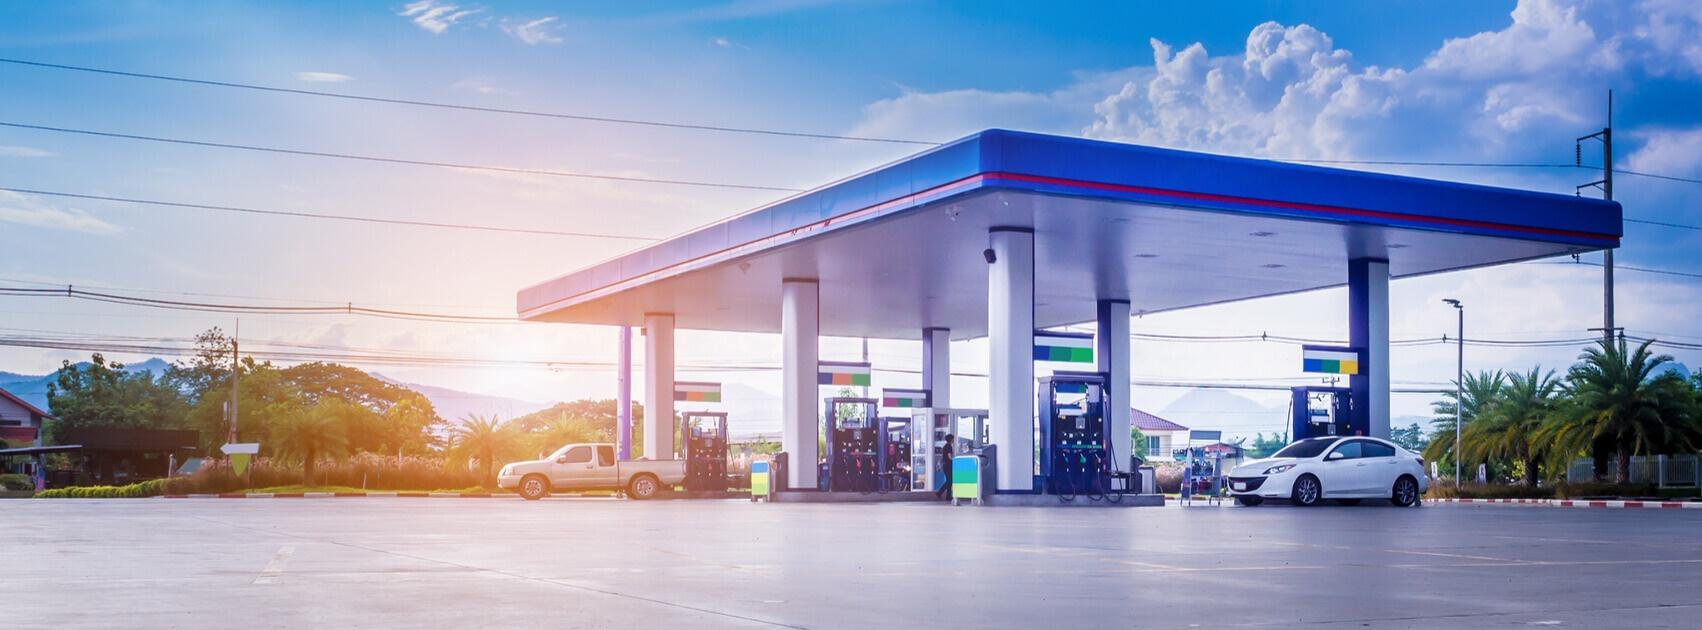 Montar ou comprar um posto de gasolina?